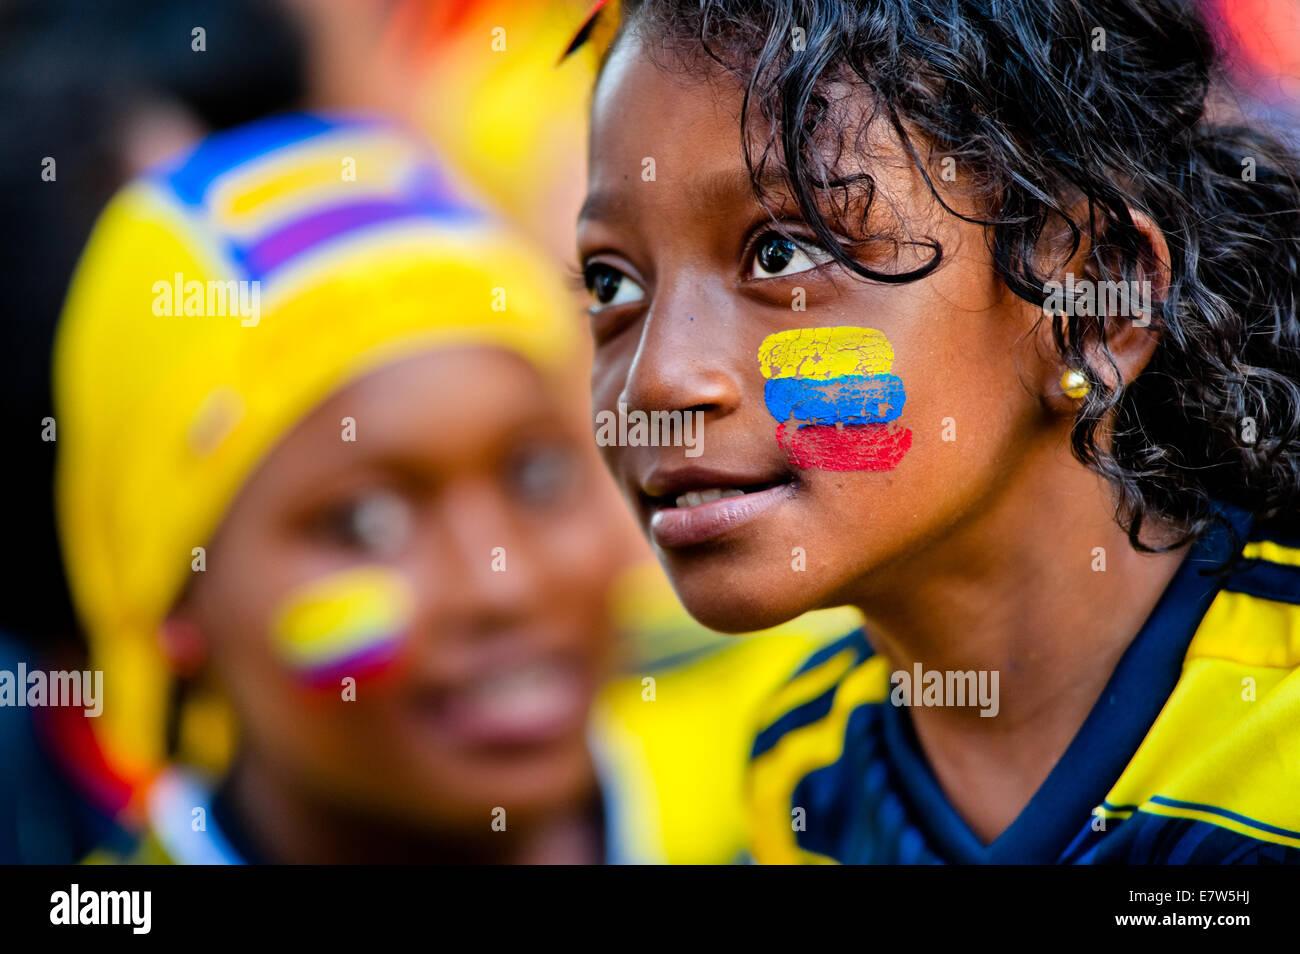 Une jeune fille colombienne regarde le match de football à la coupe du monde de la FIFA 2014, dans un parc Photo Stock